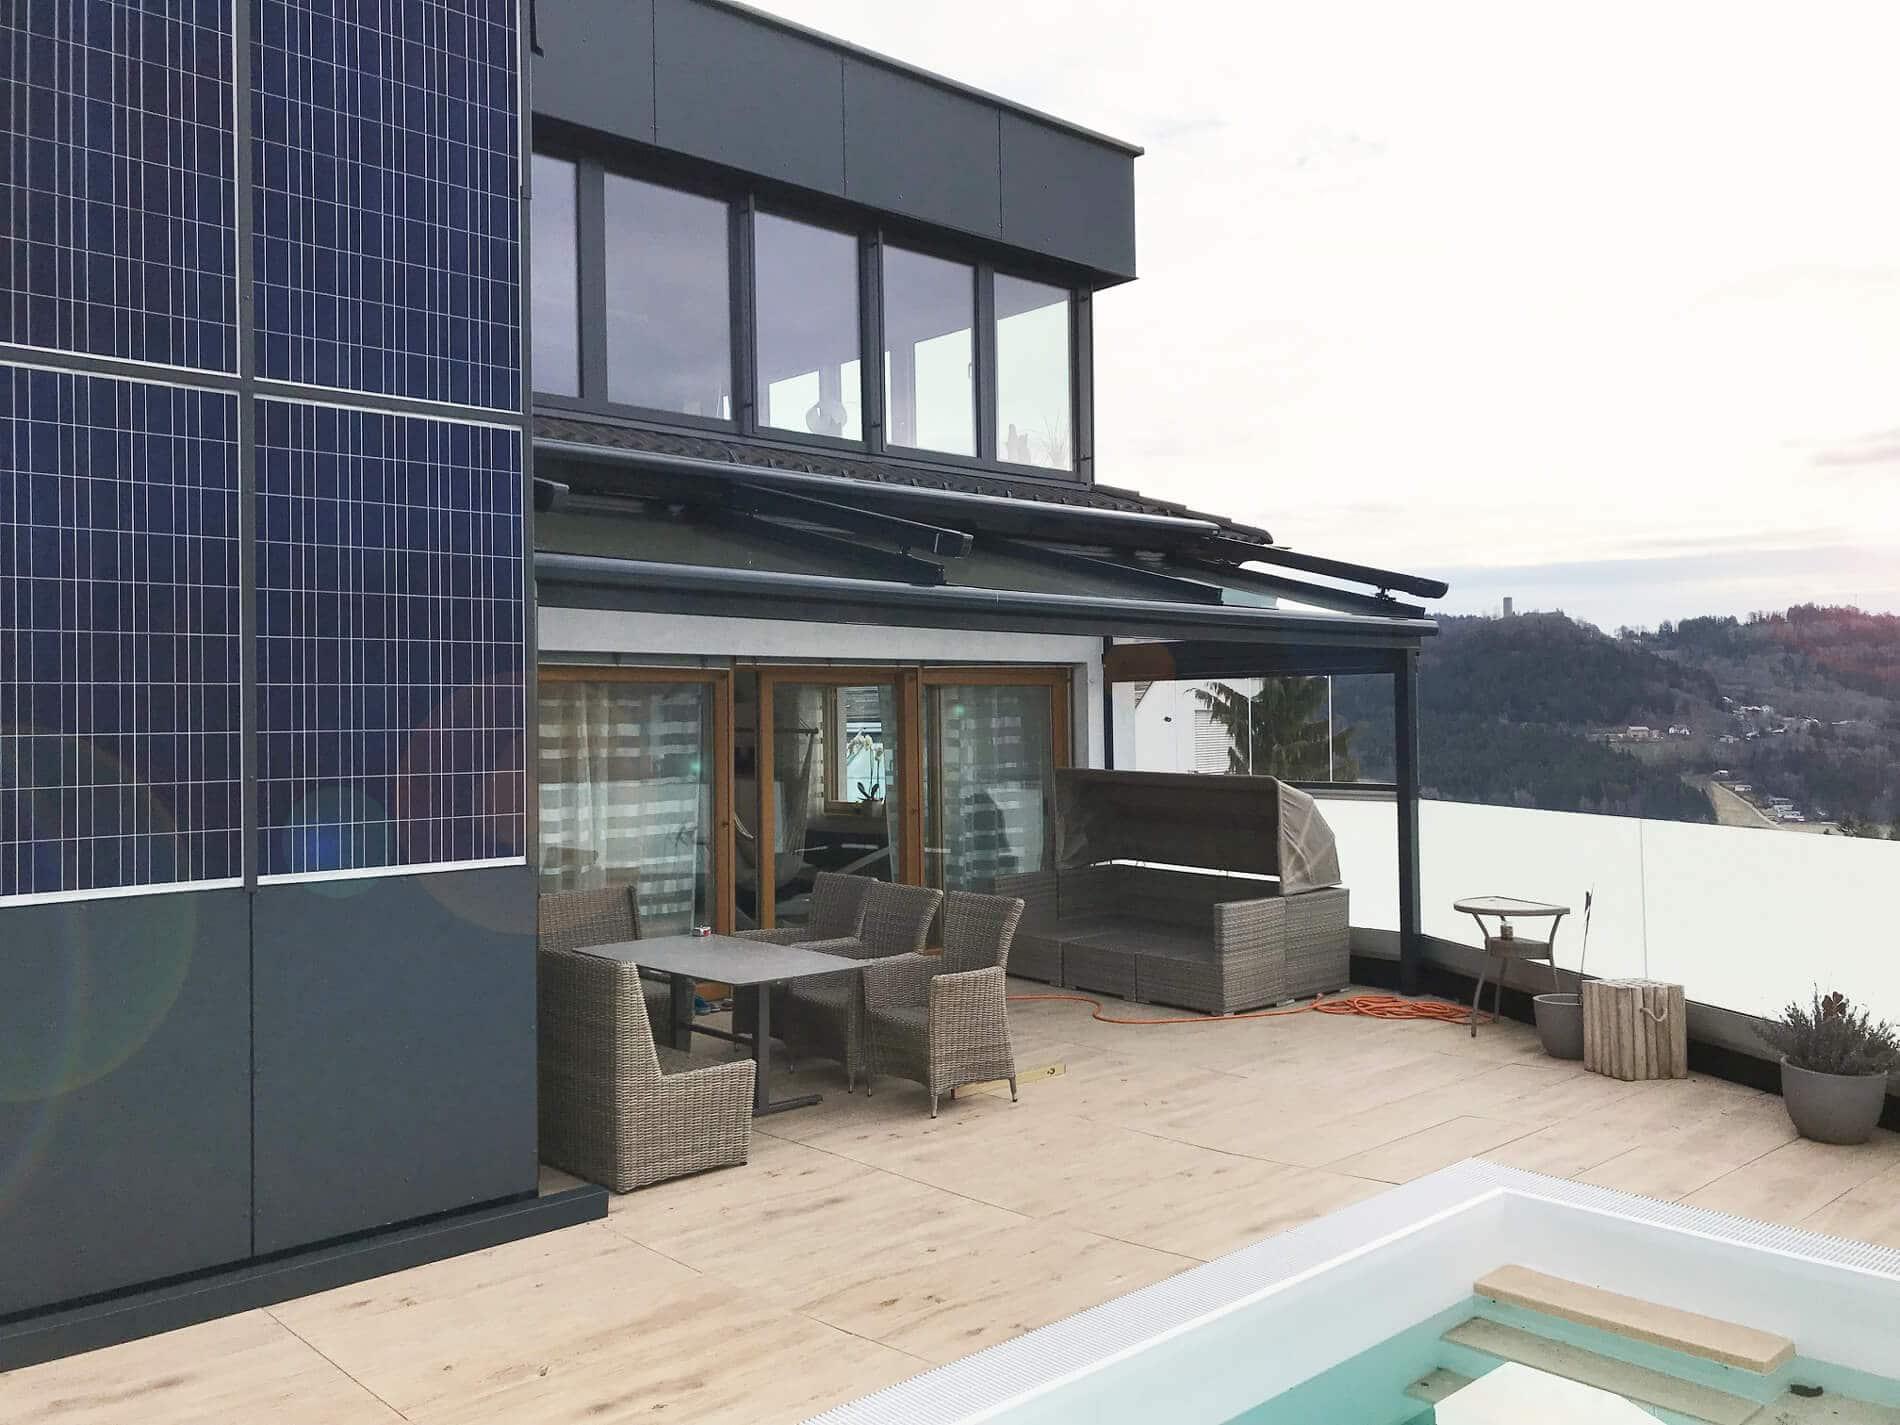 Terrassendach mit Glasdachmarkise und seitlicher Schiebeverglasung - Farbe anthrazit